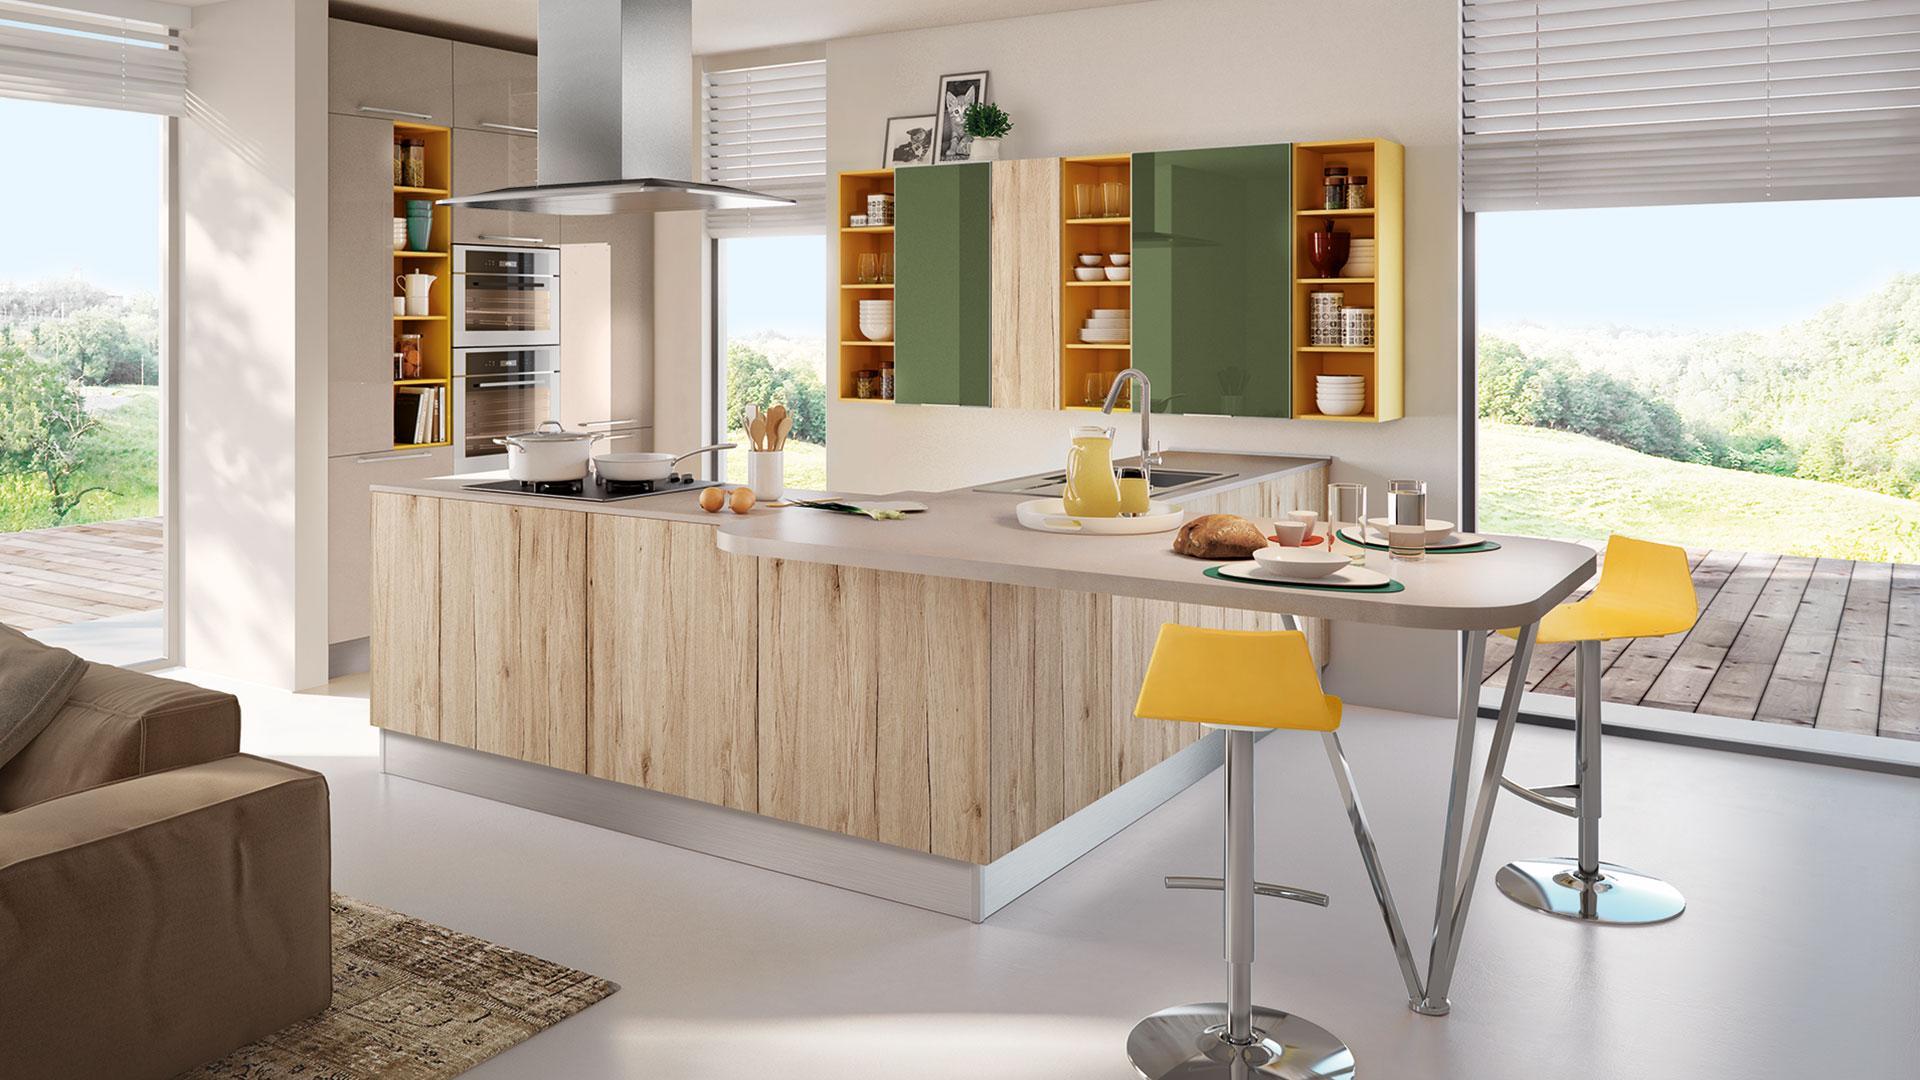 Le cucine bicolore la nuova tendenza per la casa lube - Cucina penisola ikea ...